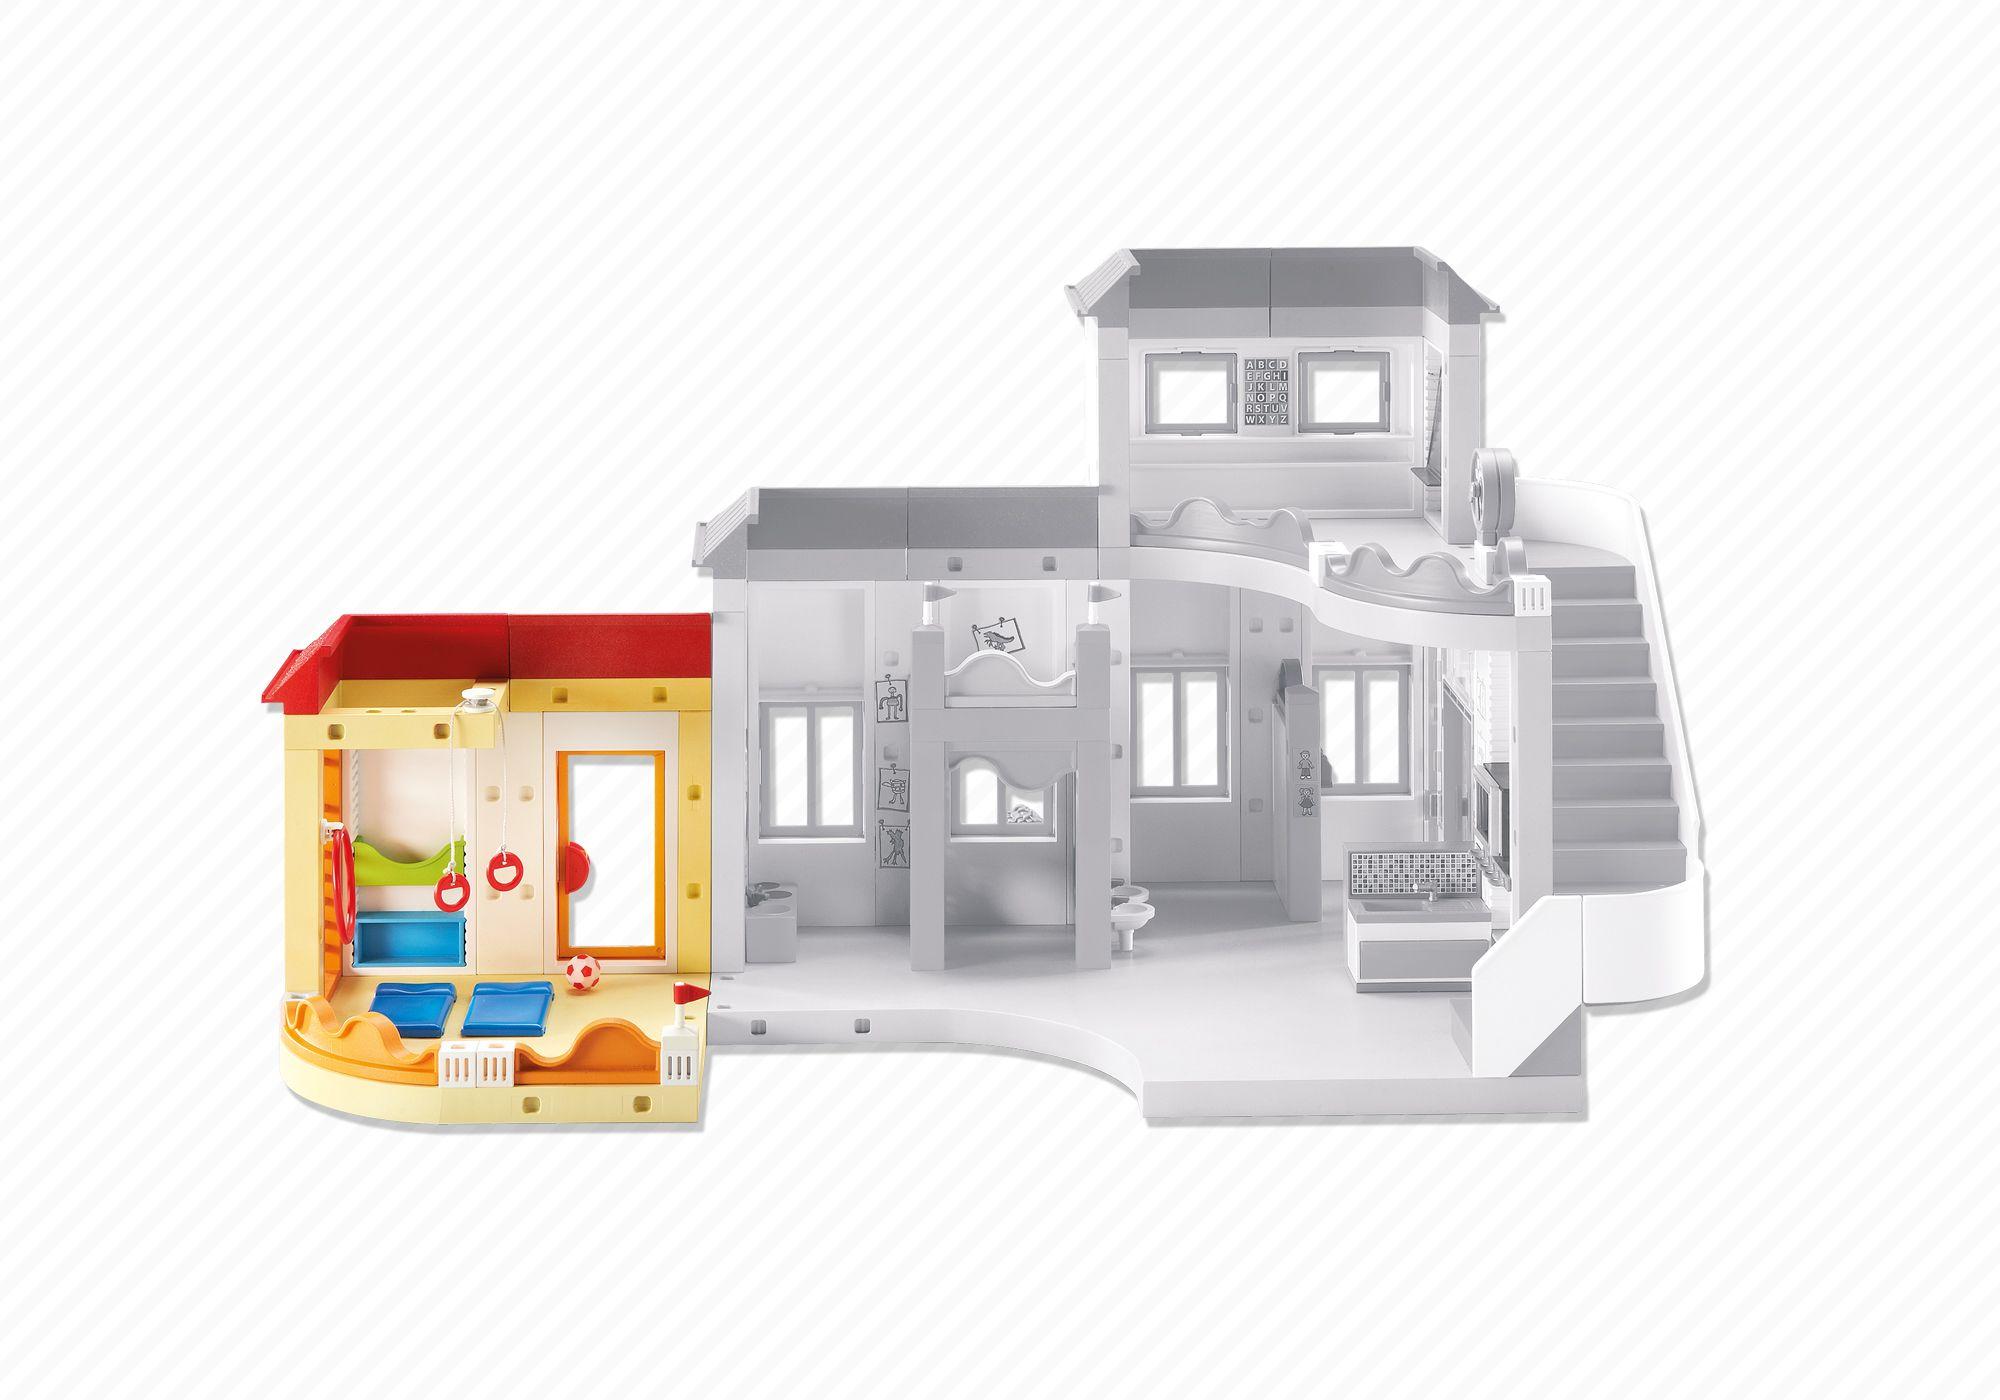 playmobil set 6386 anbau turnhalle f r die kita klickypedia. Black Bedroom Furniture Sets. Home Design Ideas